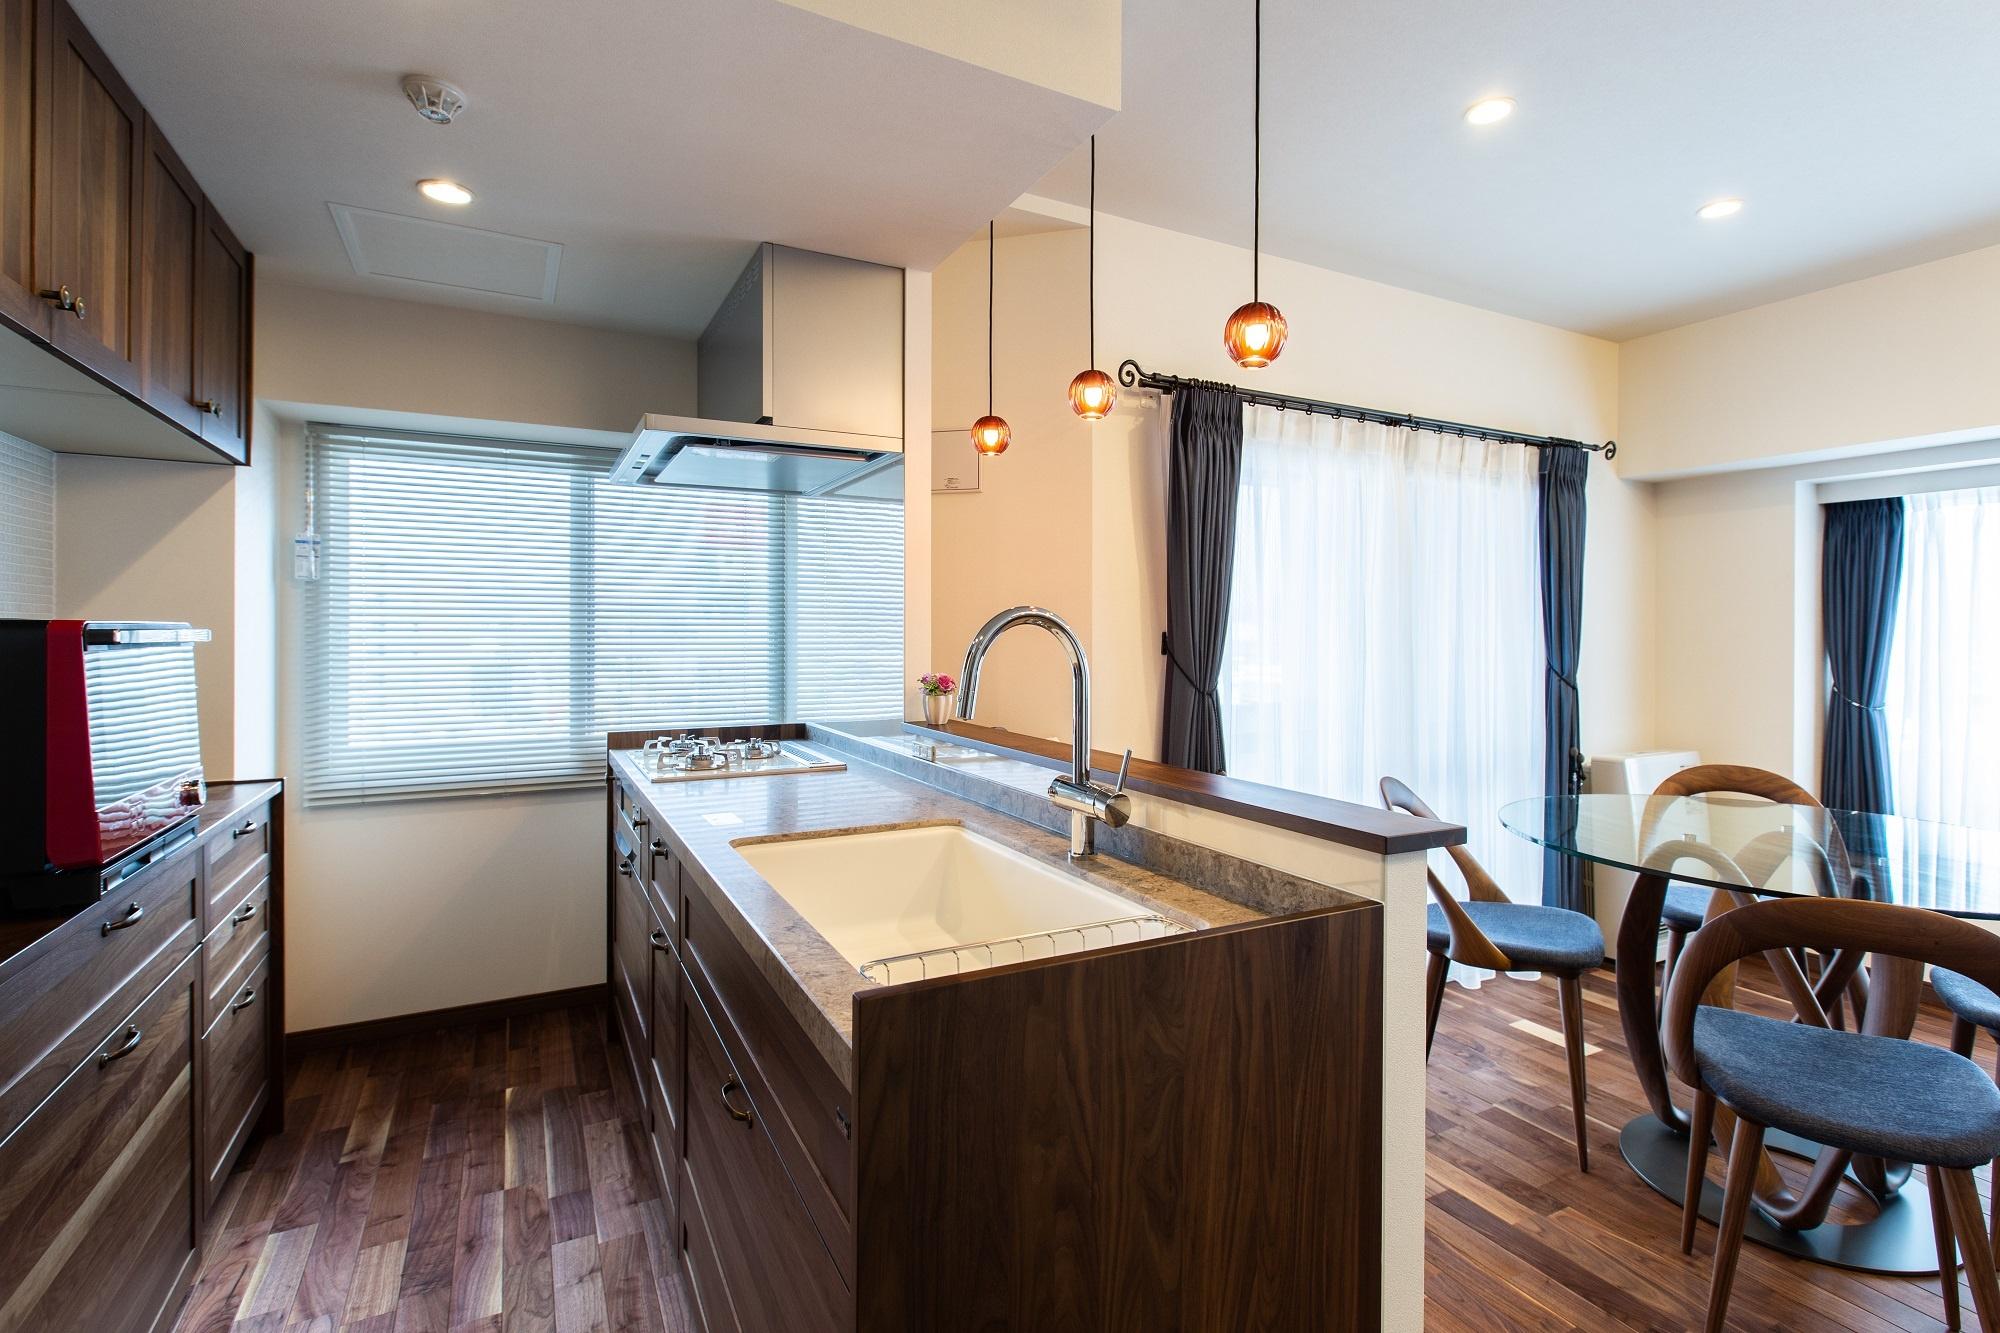 キッチン設備はウッドワンスイージー」。天井にはBluetooth®スピーカー内蔵ダウンライトを設置